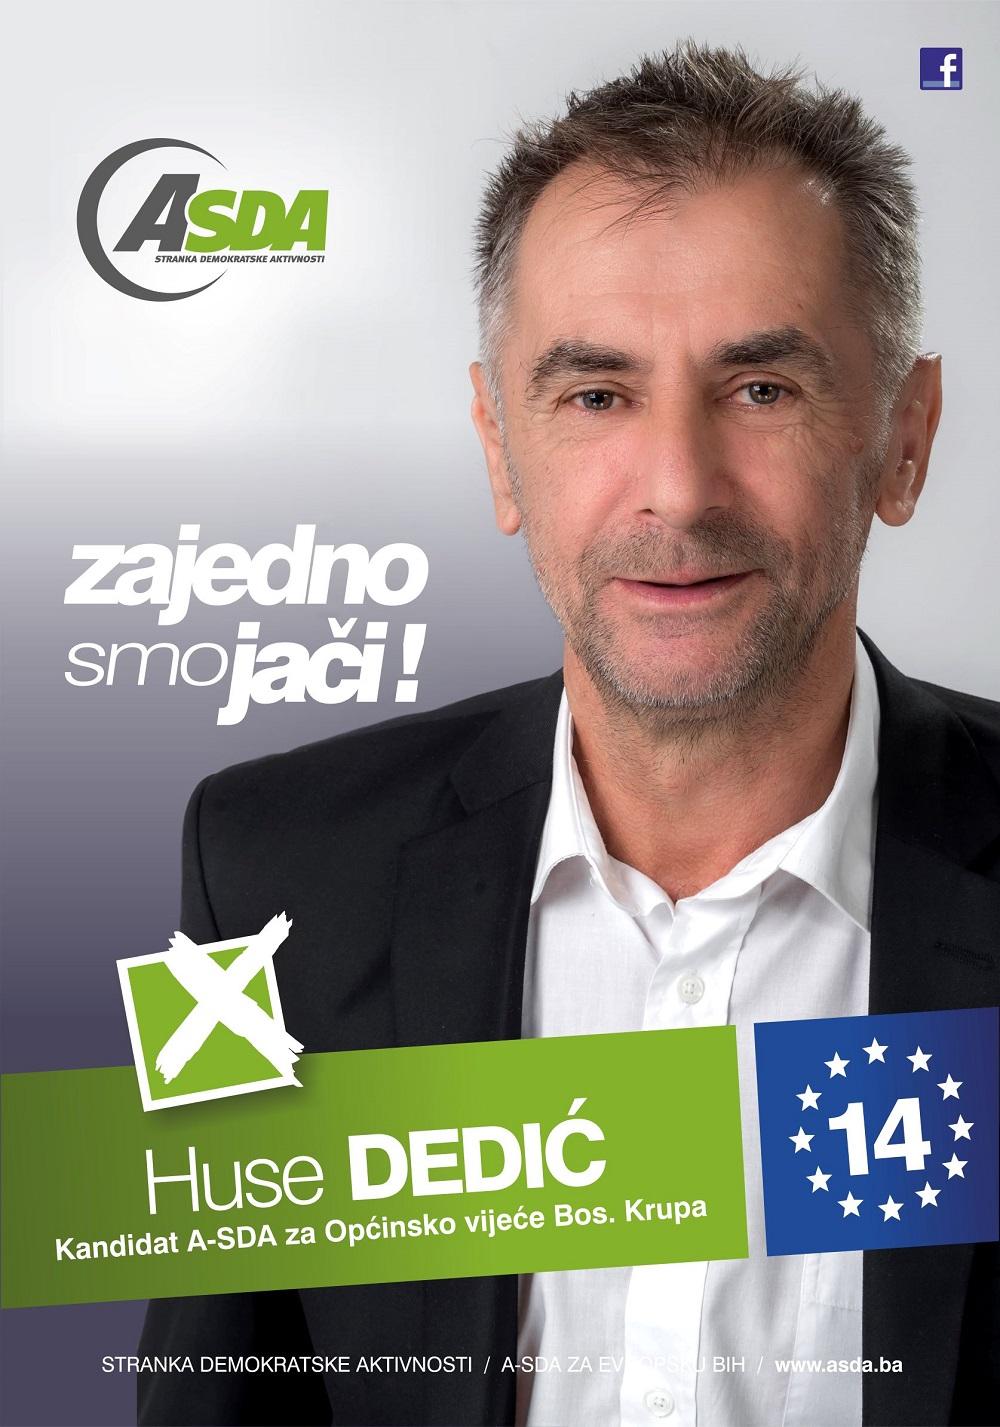 Huse Dedić